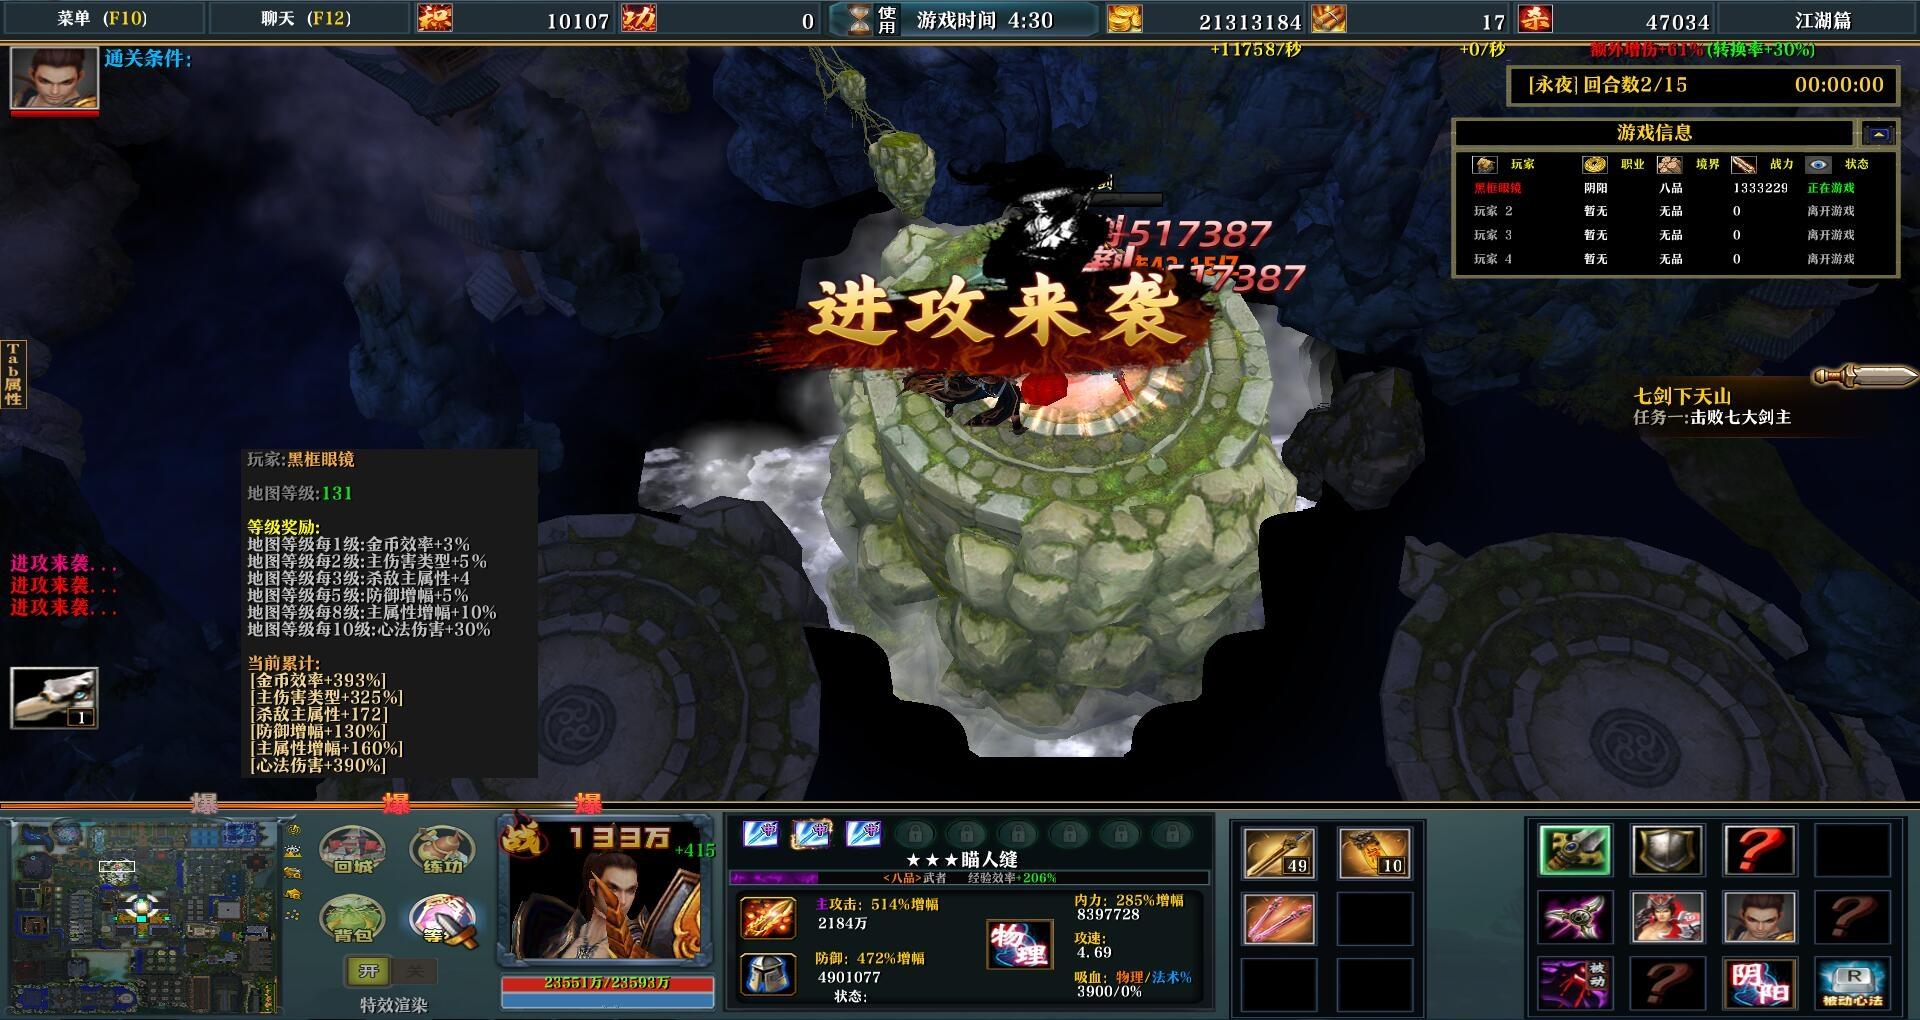 嘿_江湖1.5.3破解